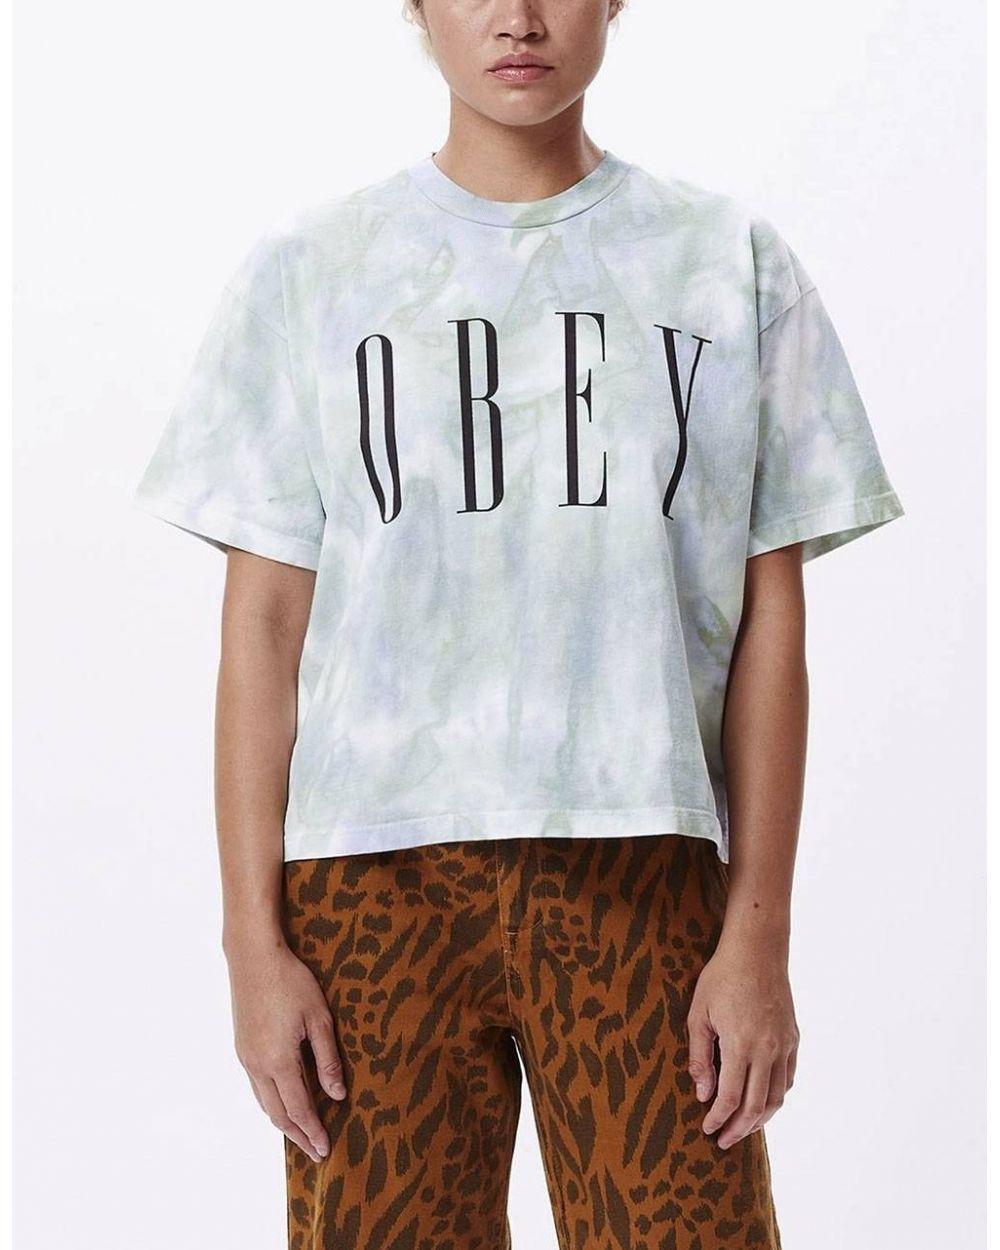 Obey Woman new tie dye custom crop tee - purple half spiral obey T-shirt 55,00€